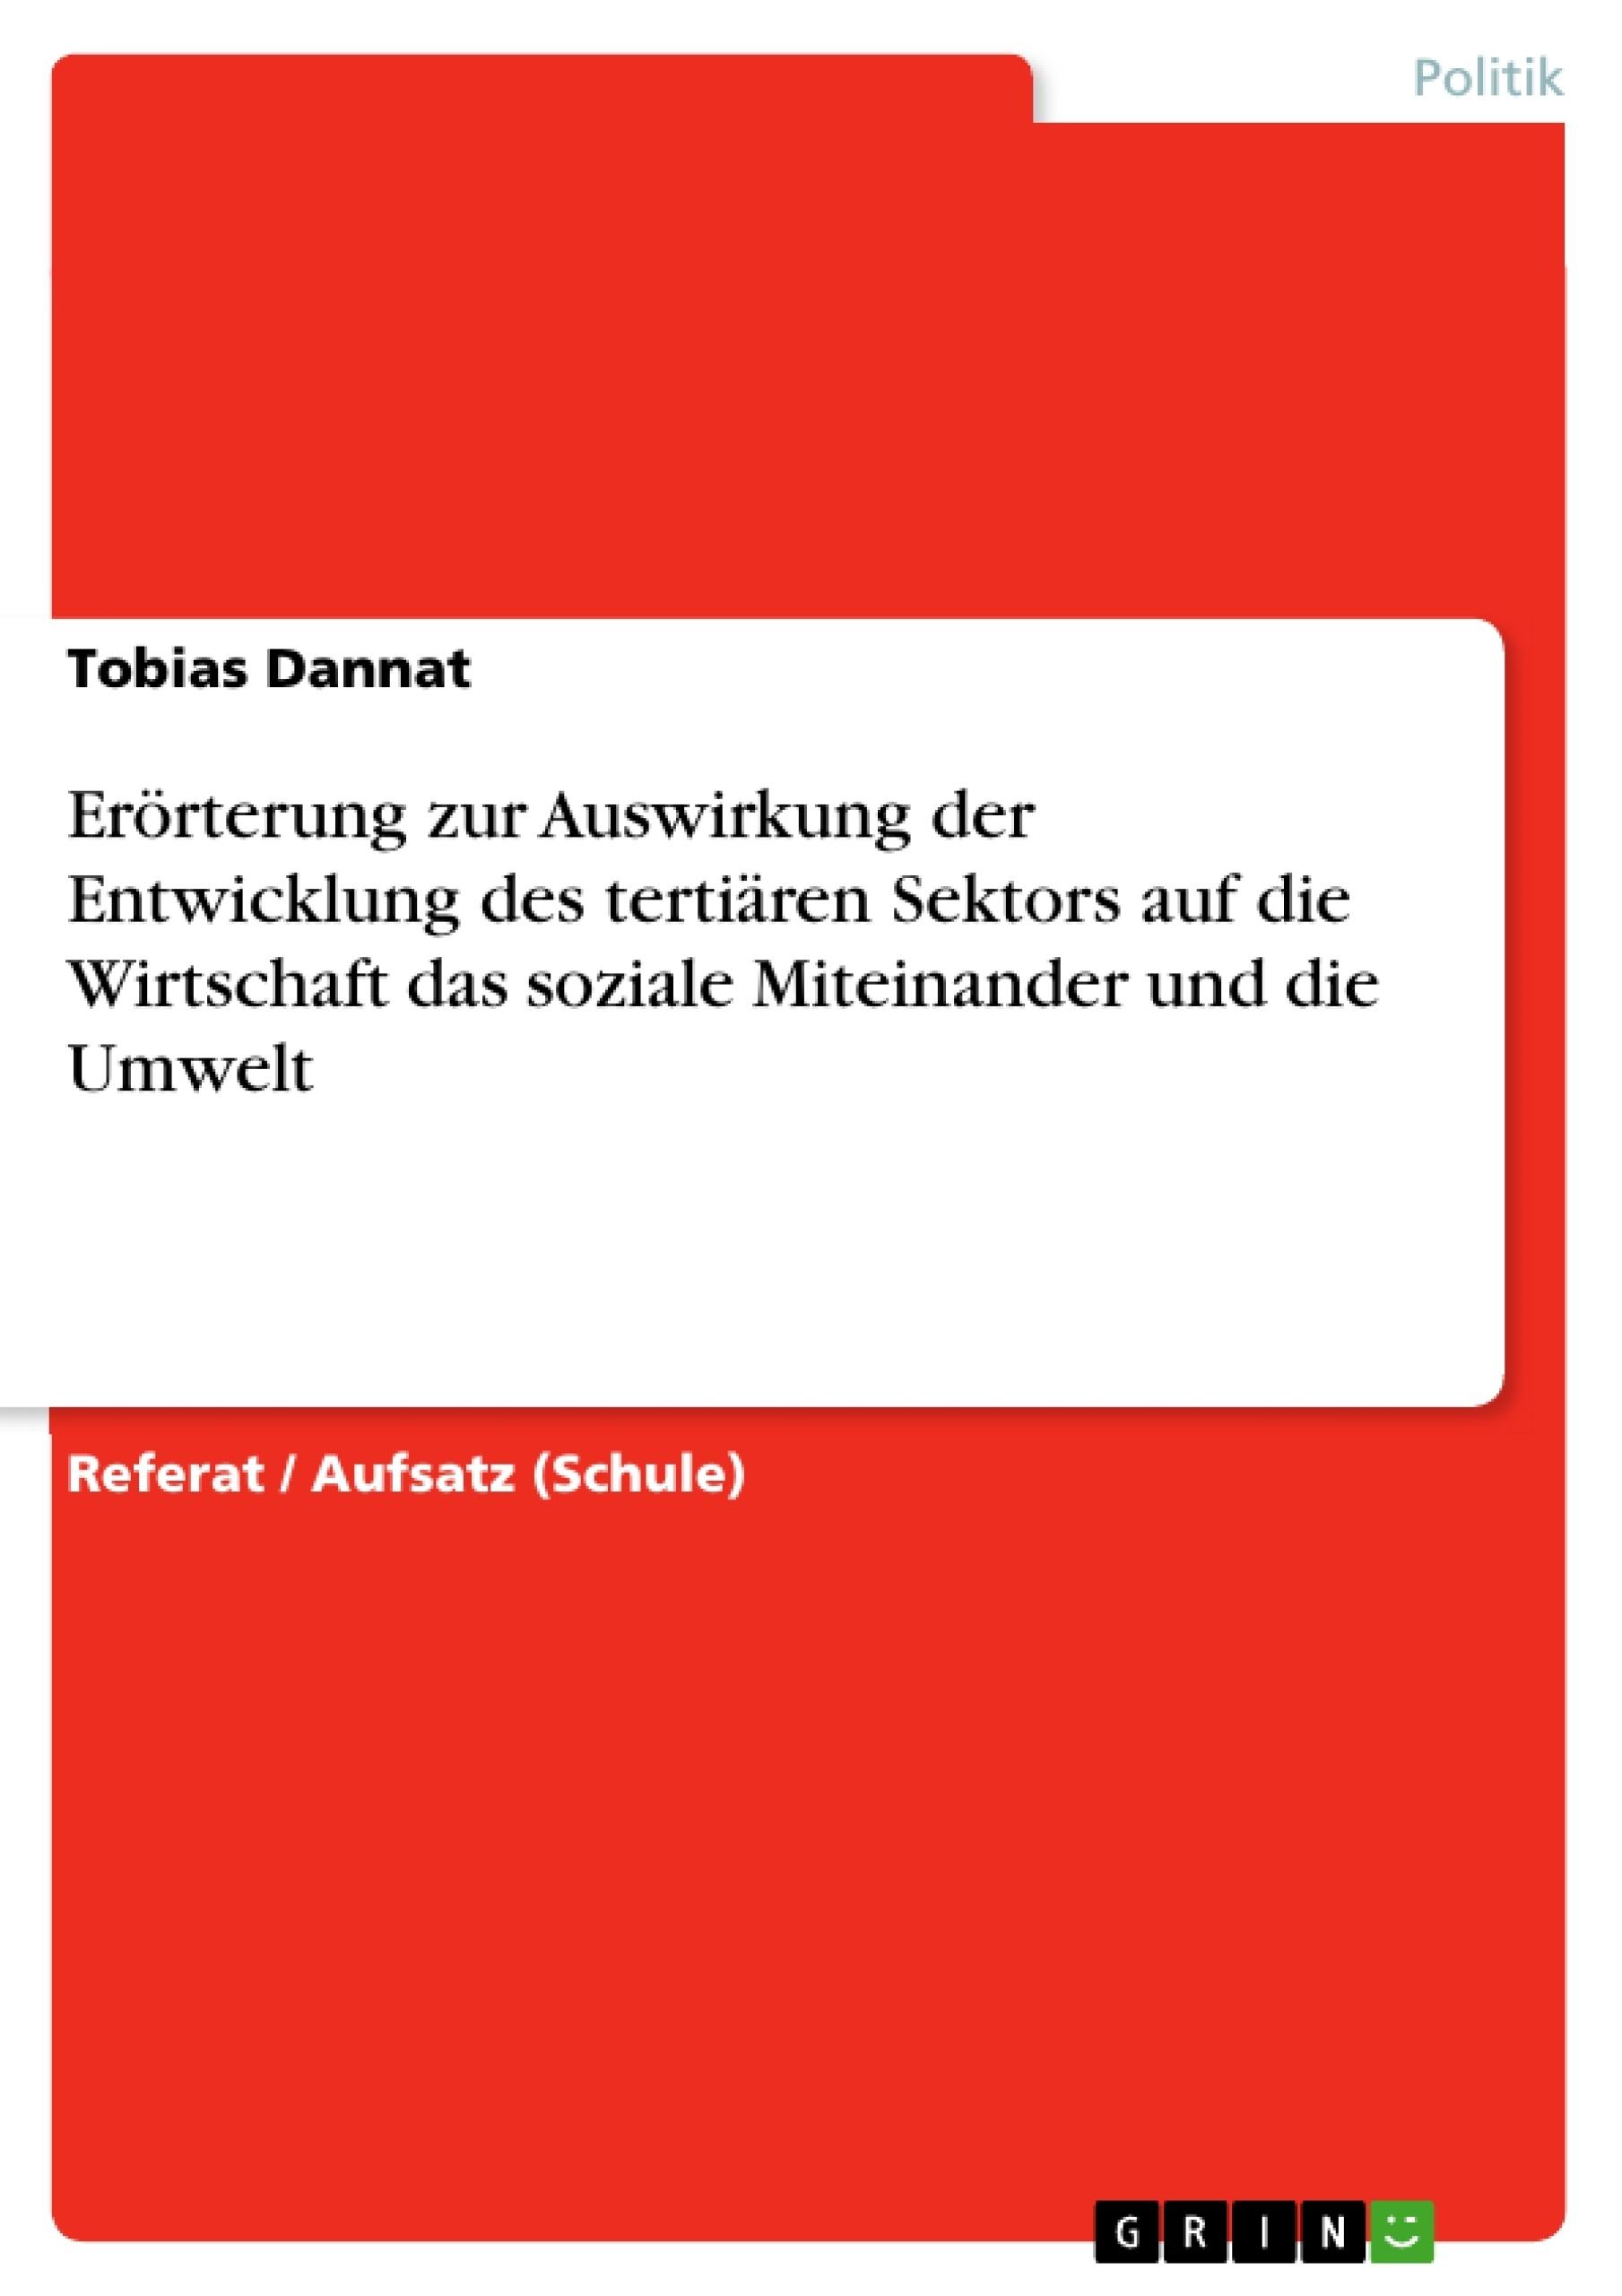 Titel: Erörterung zur Auswirkung der Entwicklung des tertiären Sektors auf  die Wirtschaft das soziale Miteinander und  die Umwelt